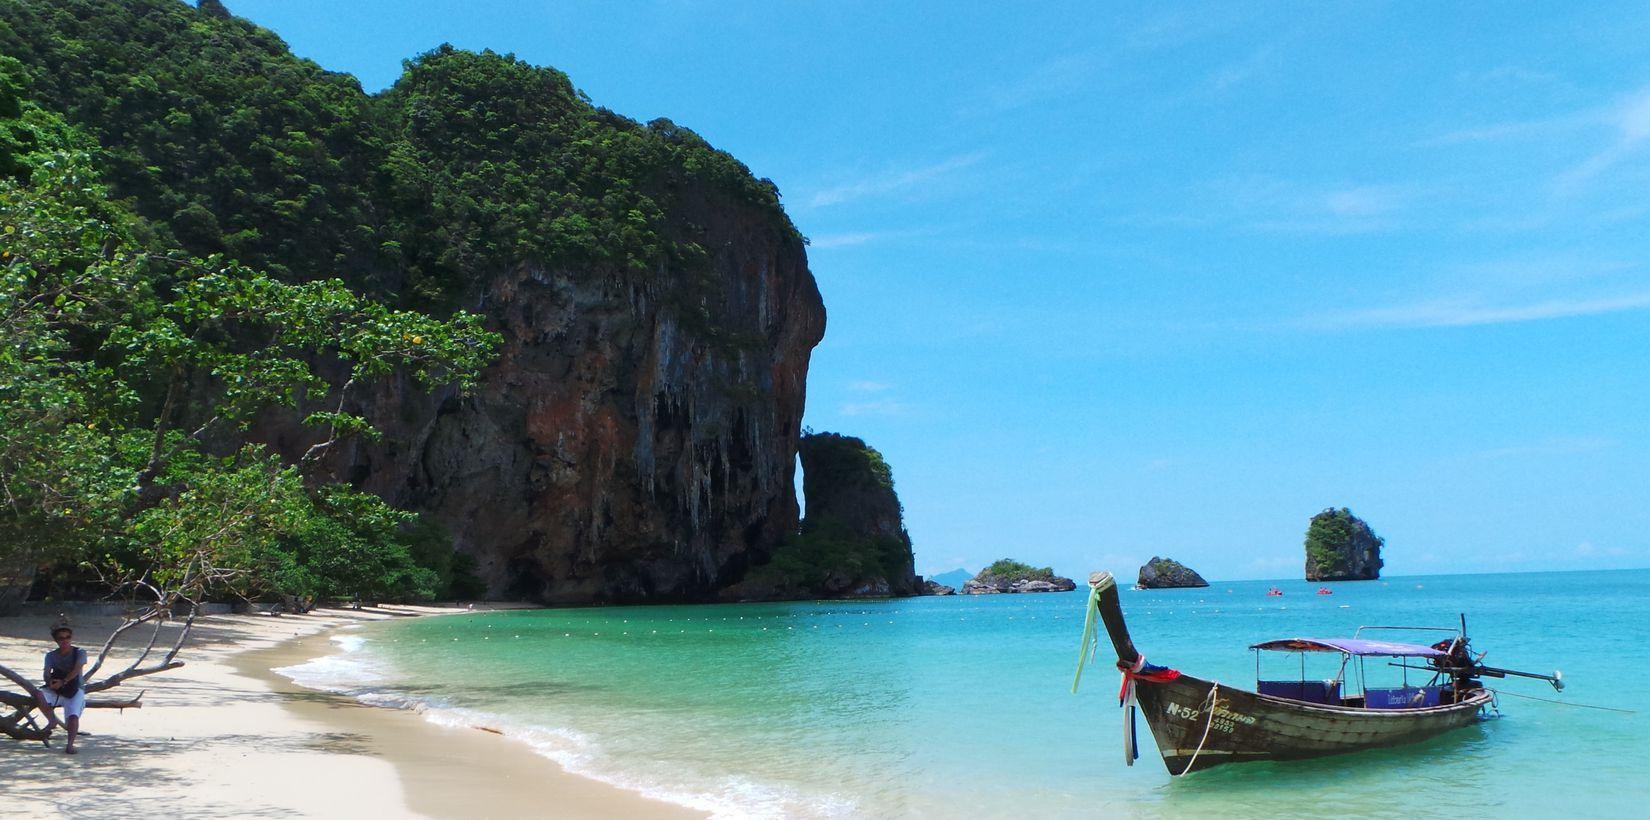 красивые картинки тайланда на рабочий стол